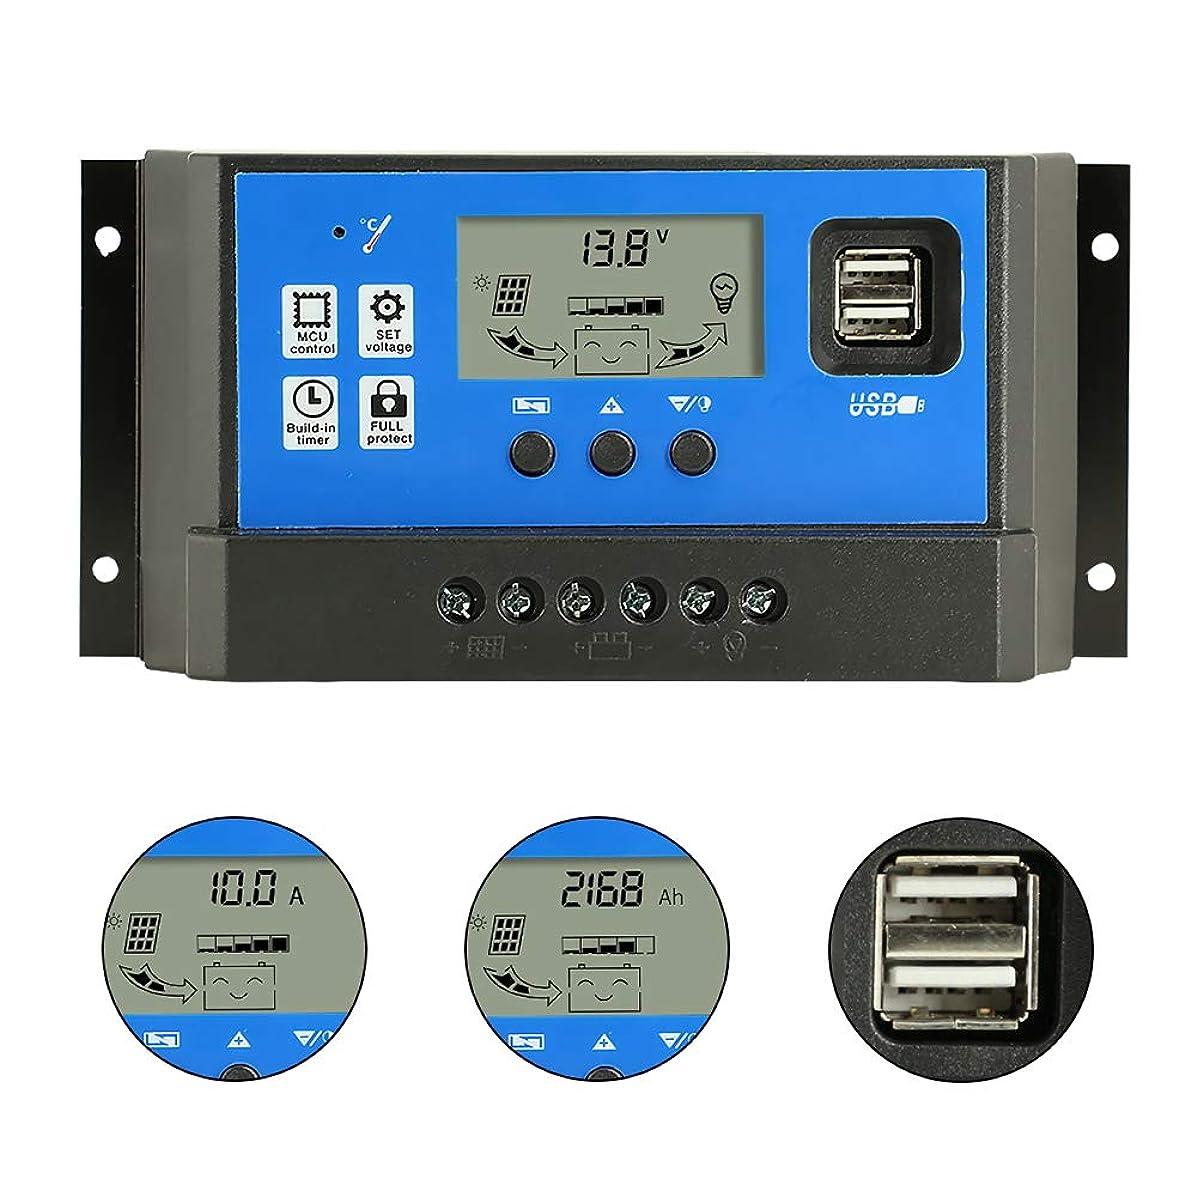 ピボット克服する大洪水PWM 60Aソーラー充電コントローラ、12V / 24V自動デュアルUSBポート、LCDディスプレイ付きインテリジェント充電レギュレータ